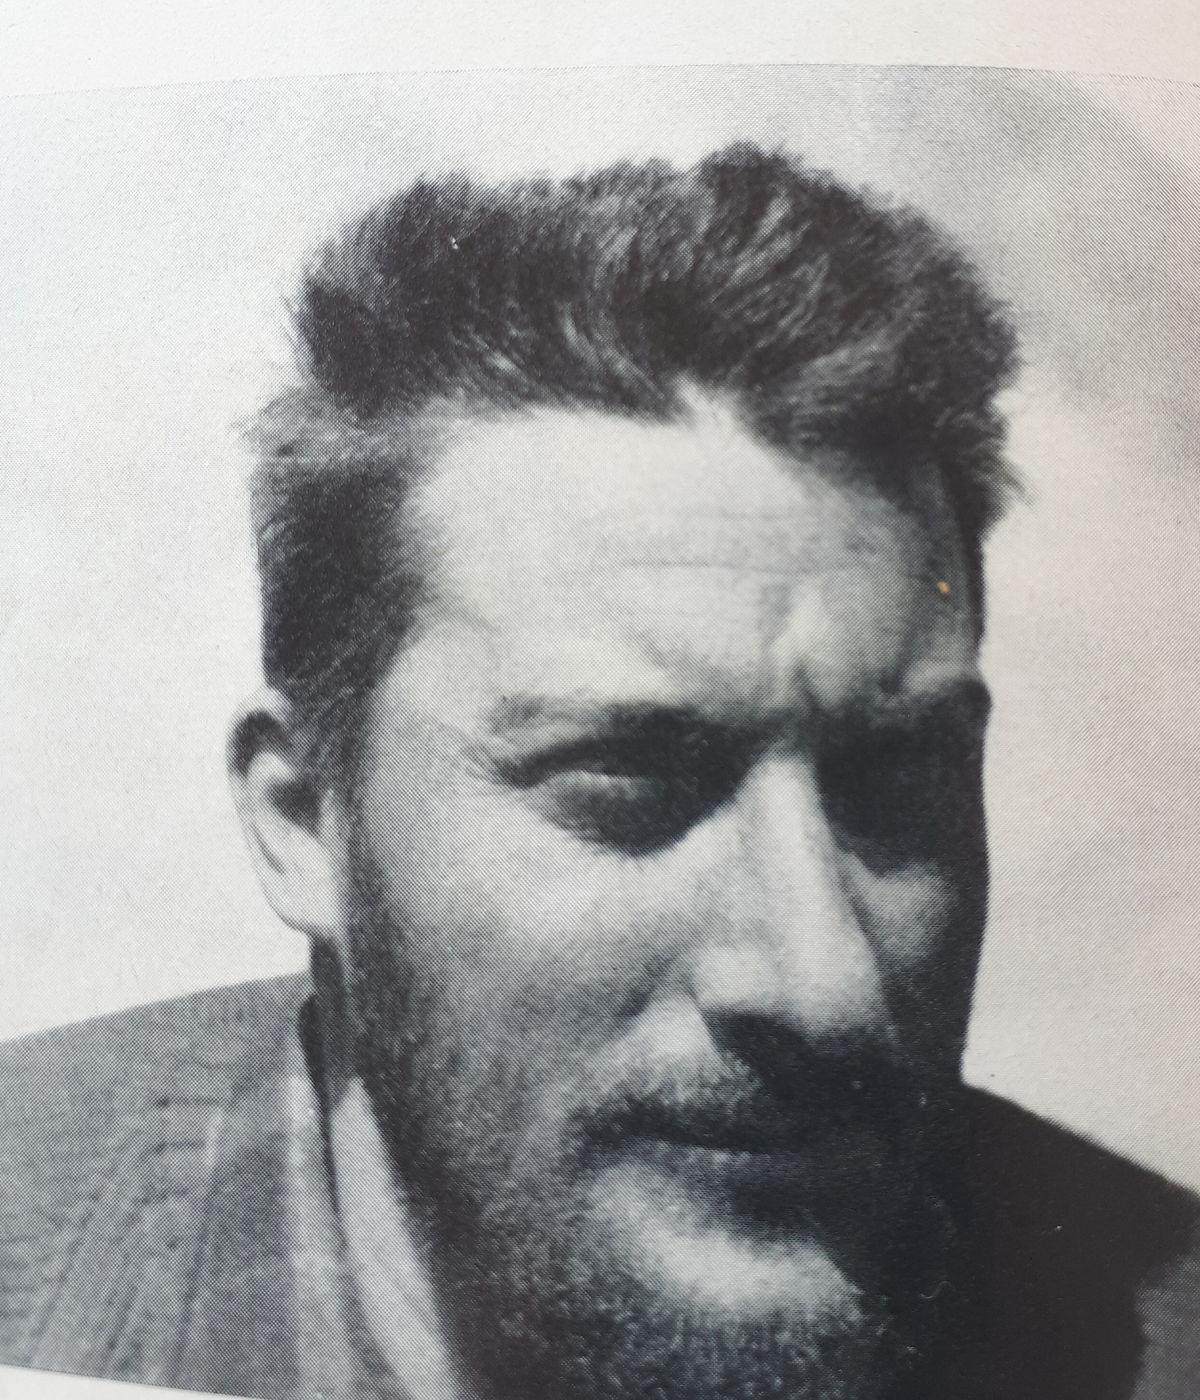 01-Annibale Bonicelli - capo spedizione